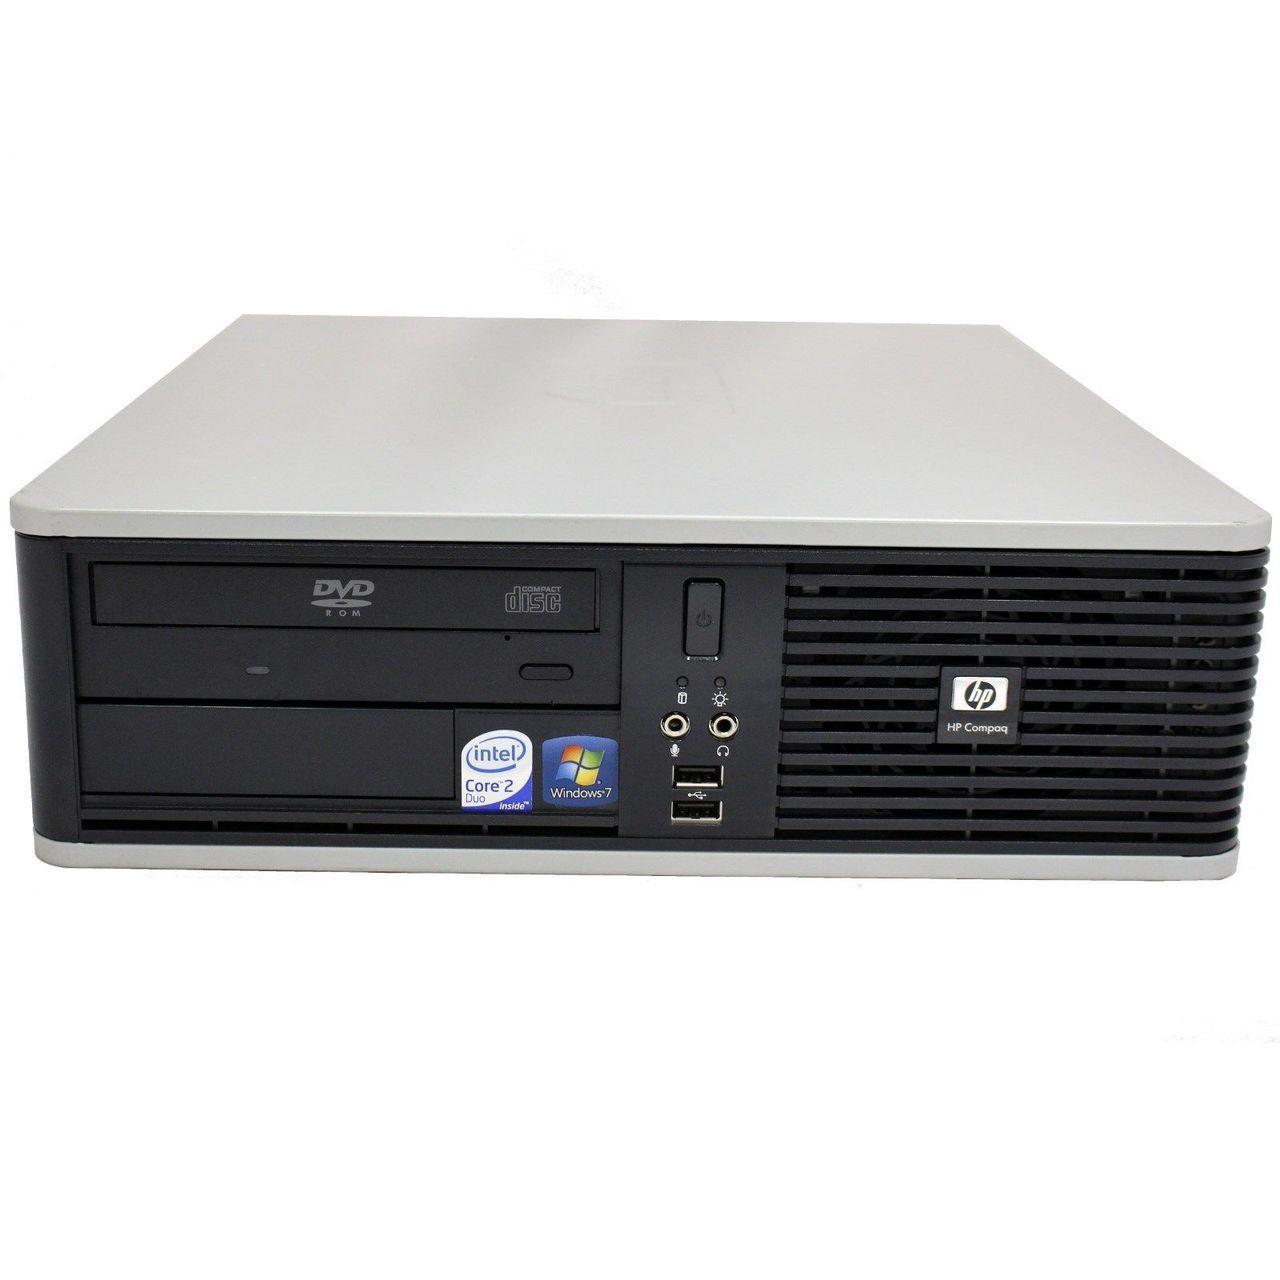 Hp Ex Uk Core 2 Duo Cpu 0728257526 Deprime Solutions